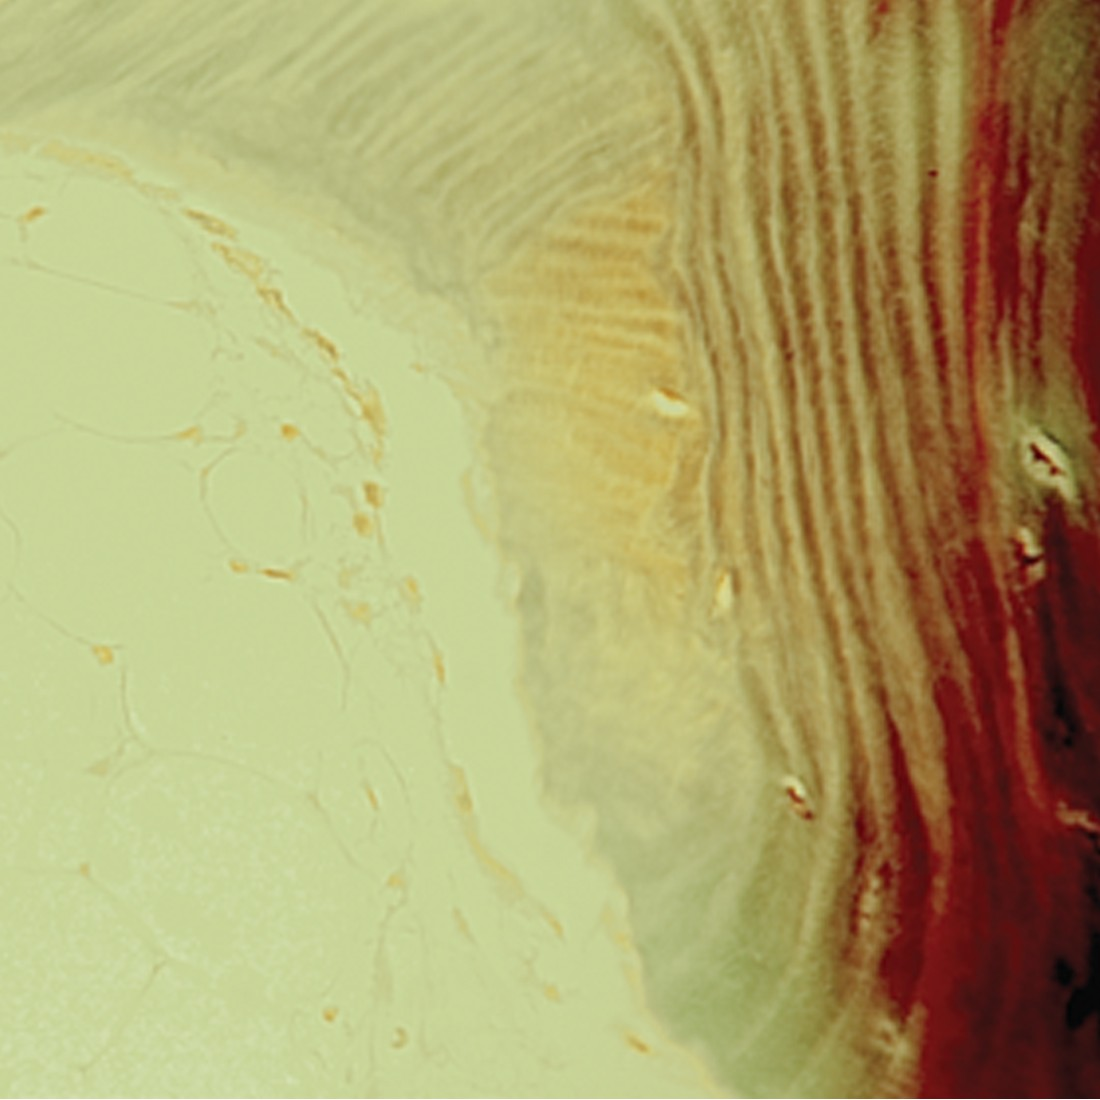 Villanueva Osteochrome Bone Stain